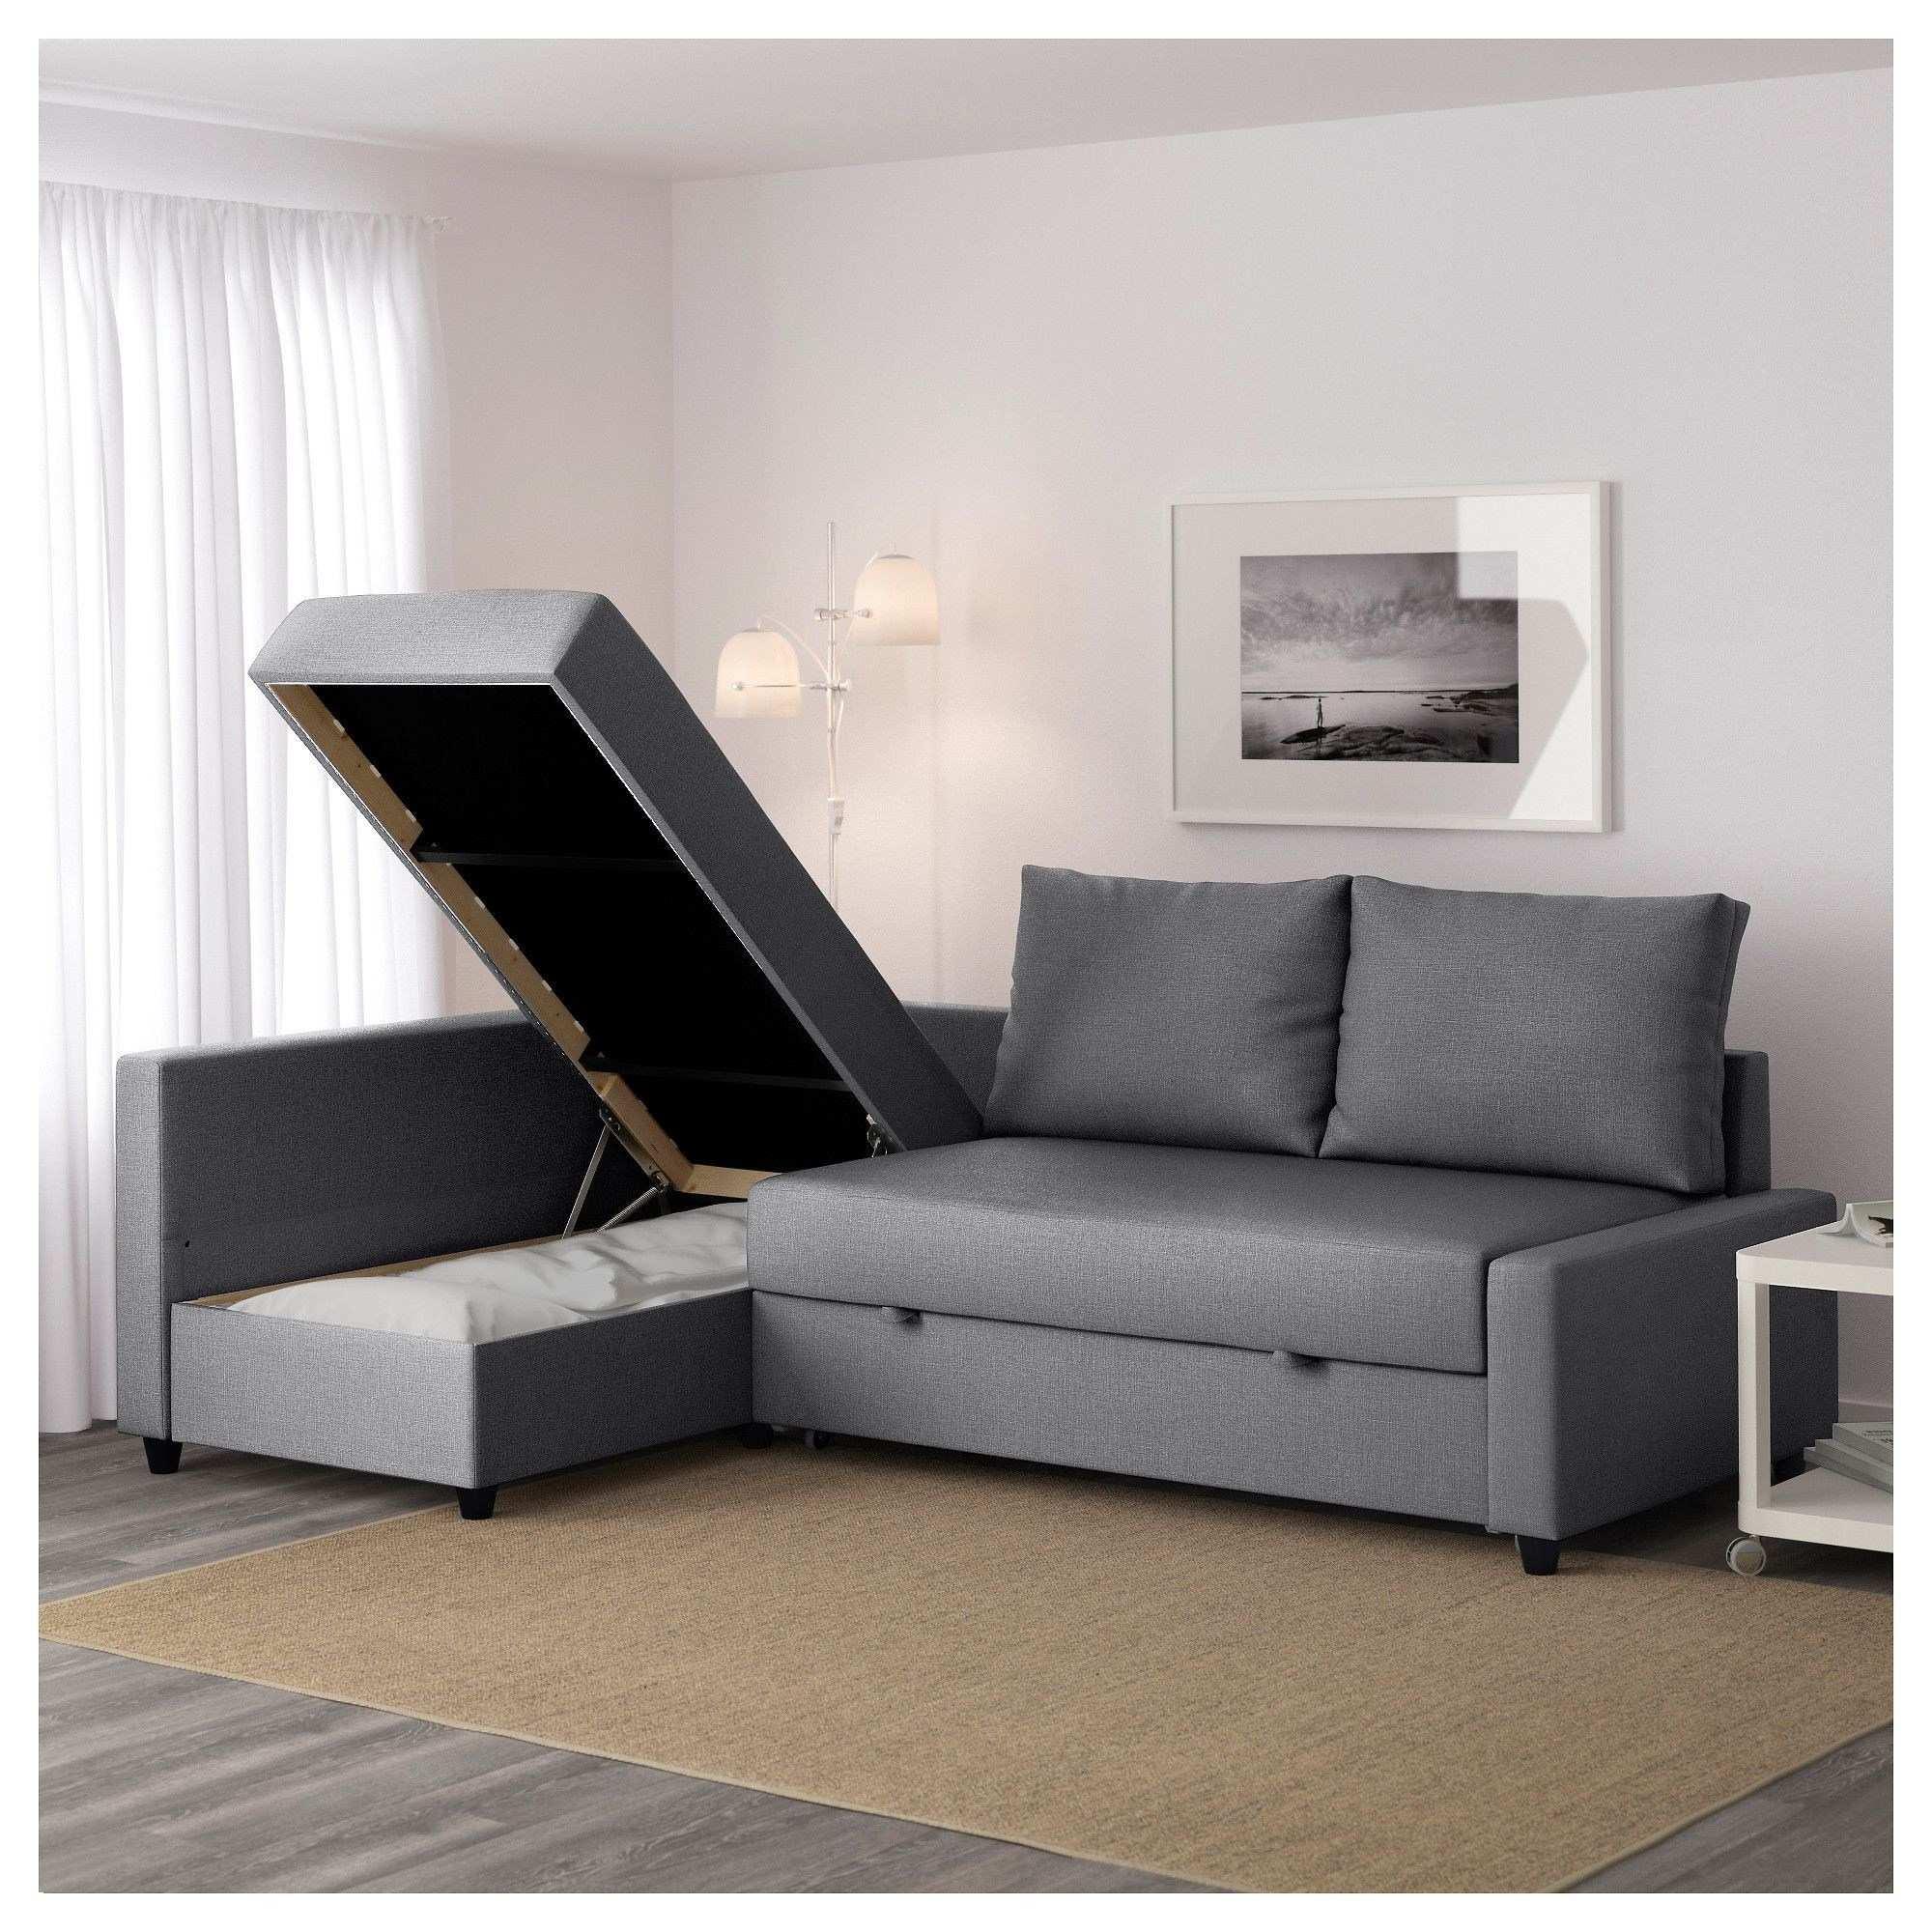 tiefe couch konzept von sofa klein gunstig of sofa klein gunstig